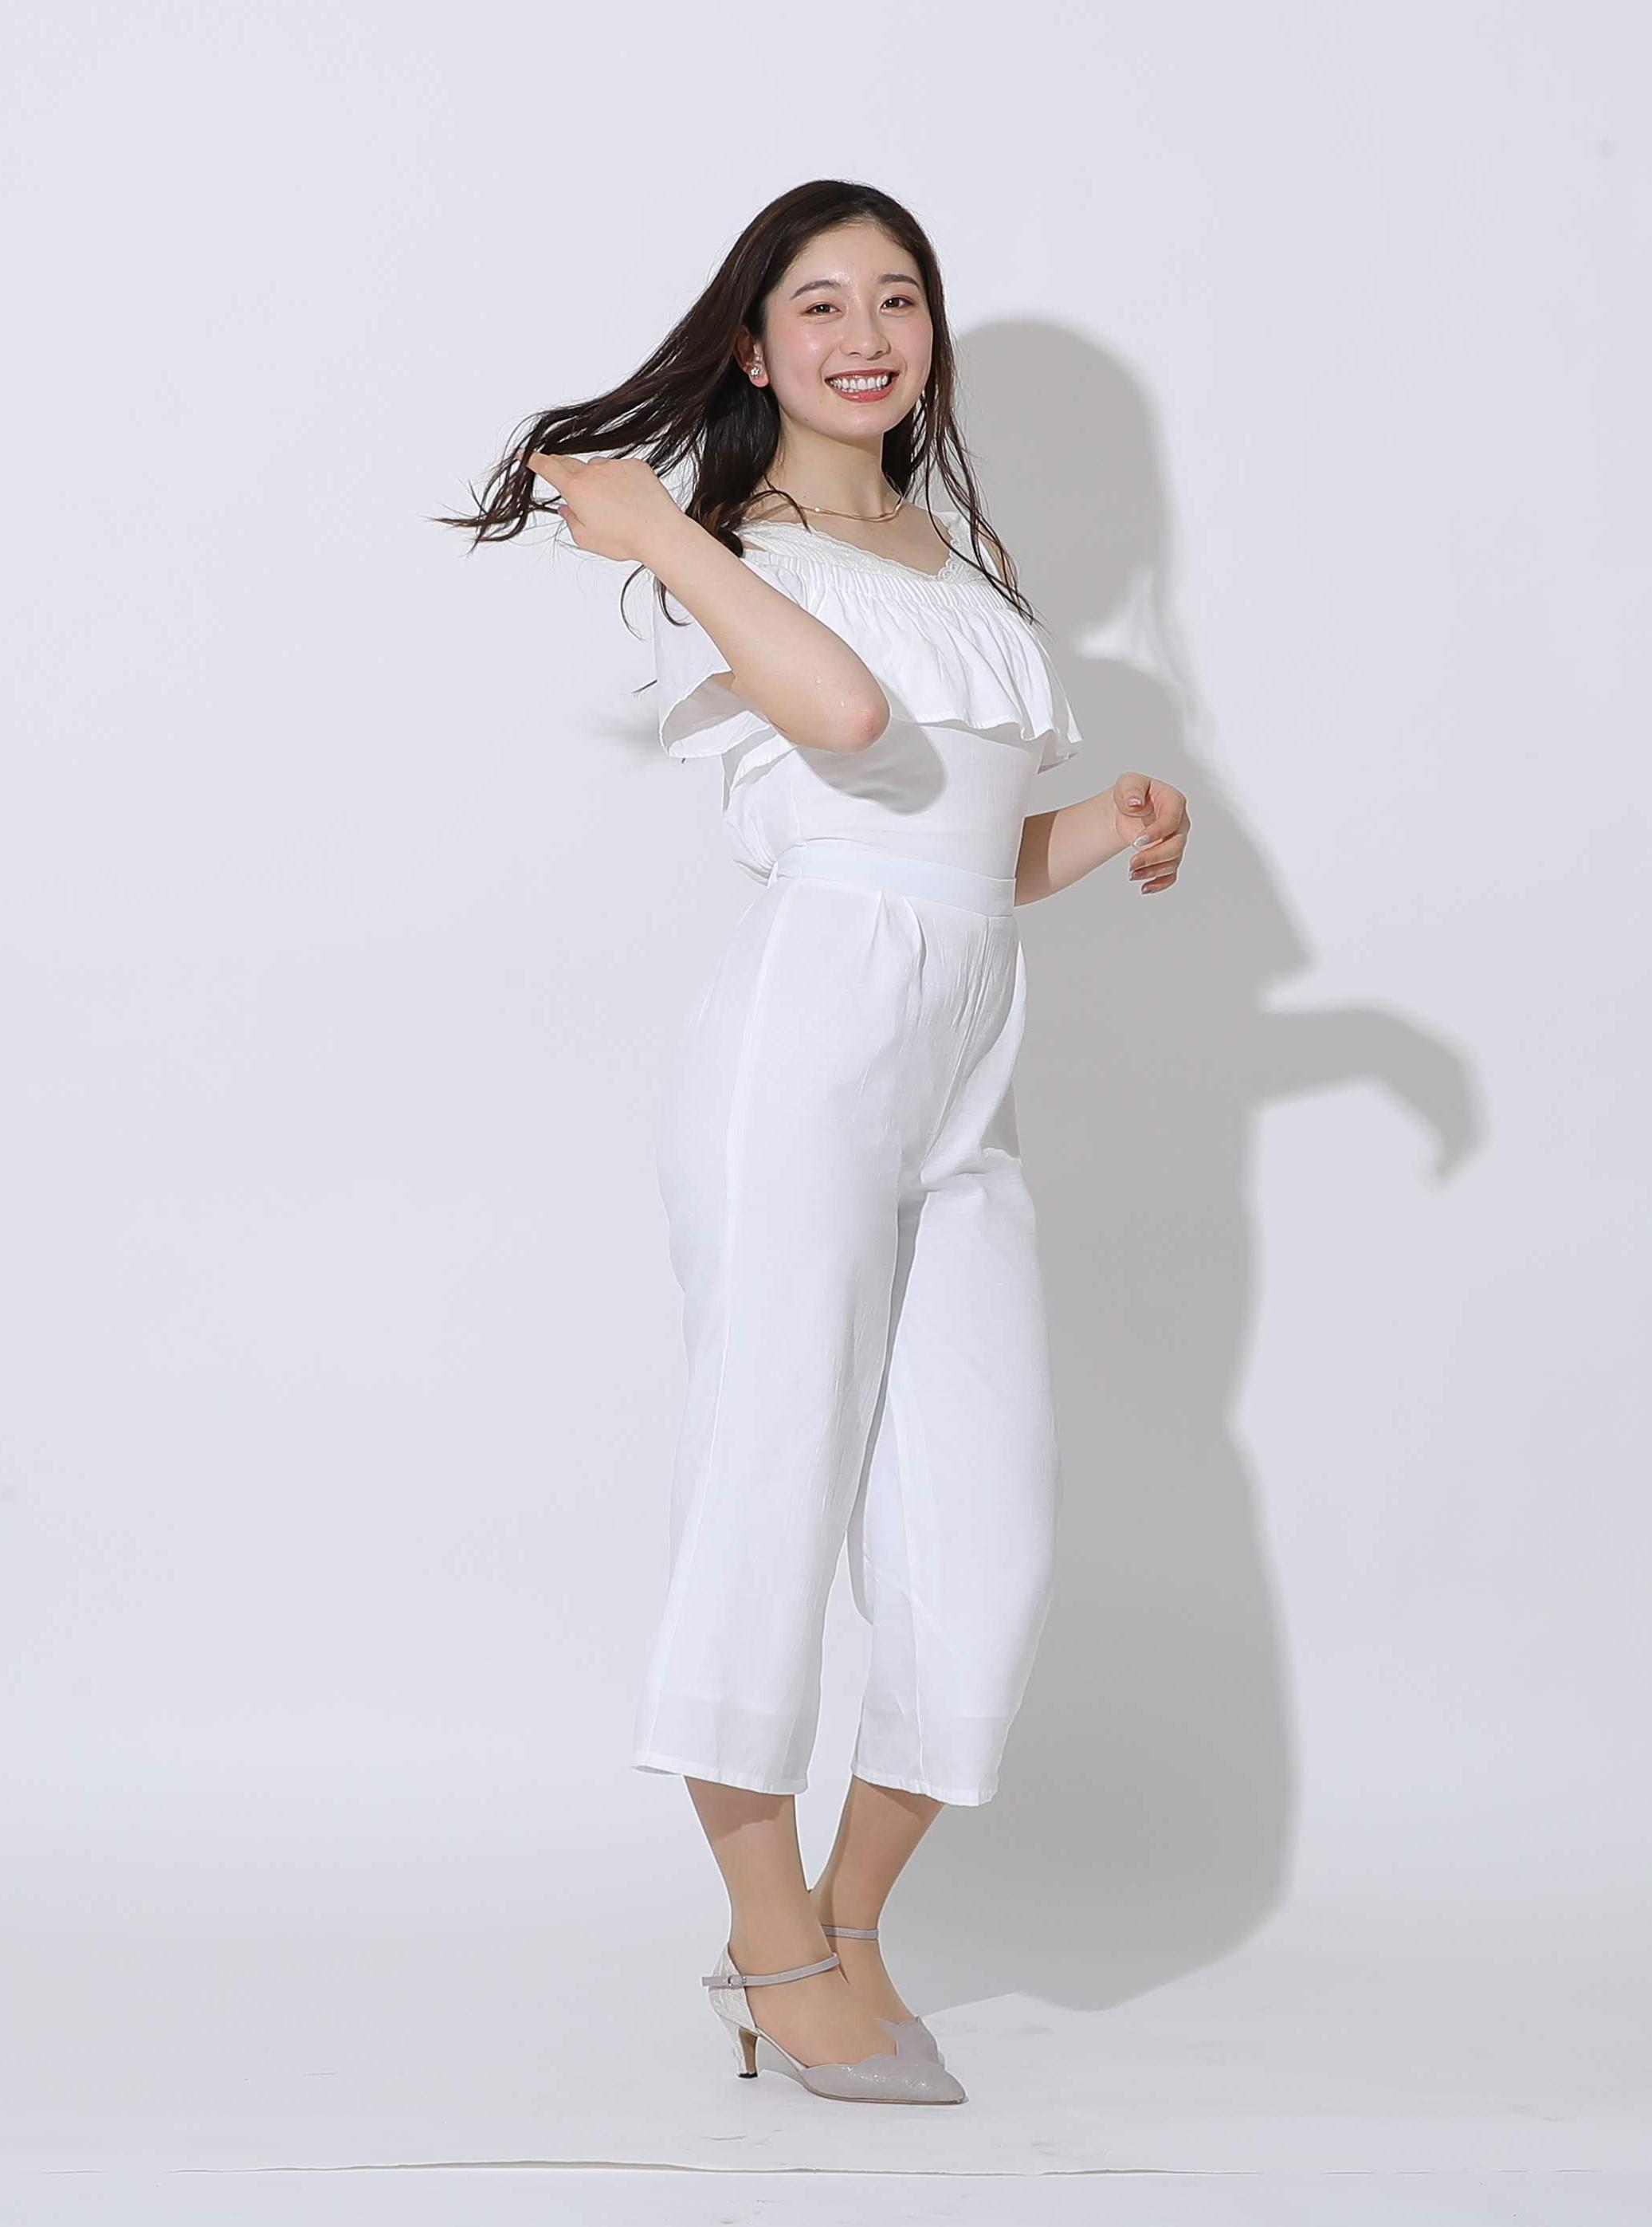 モデル吉田美波